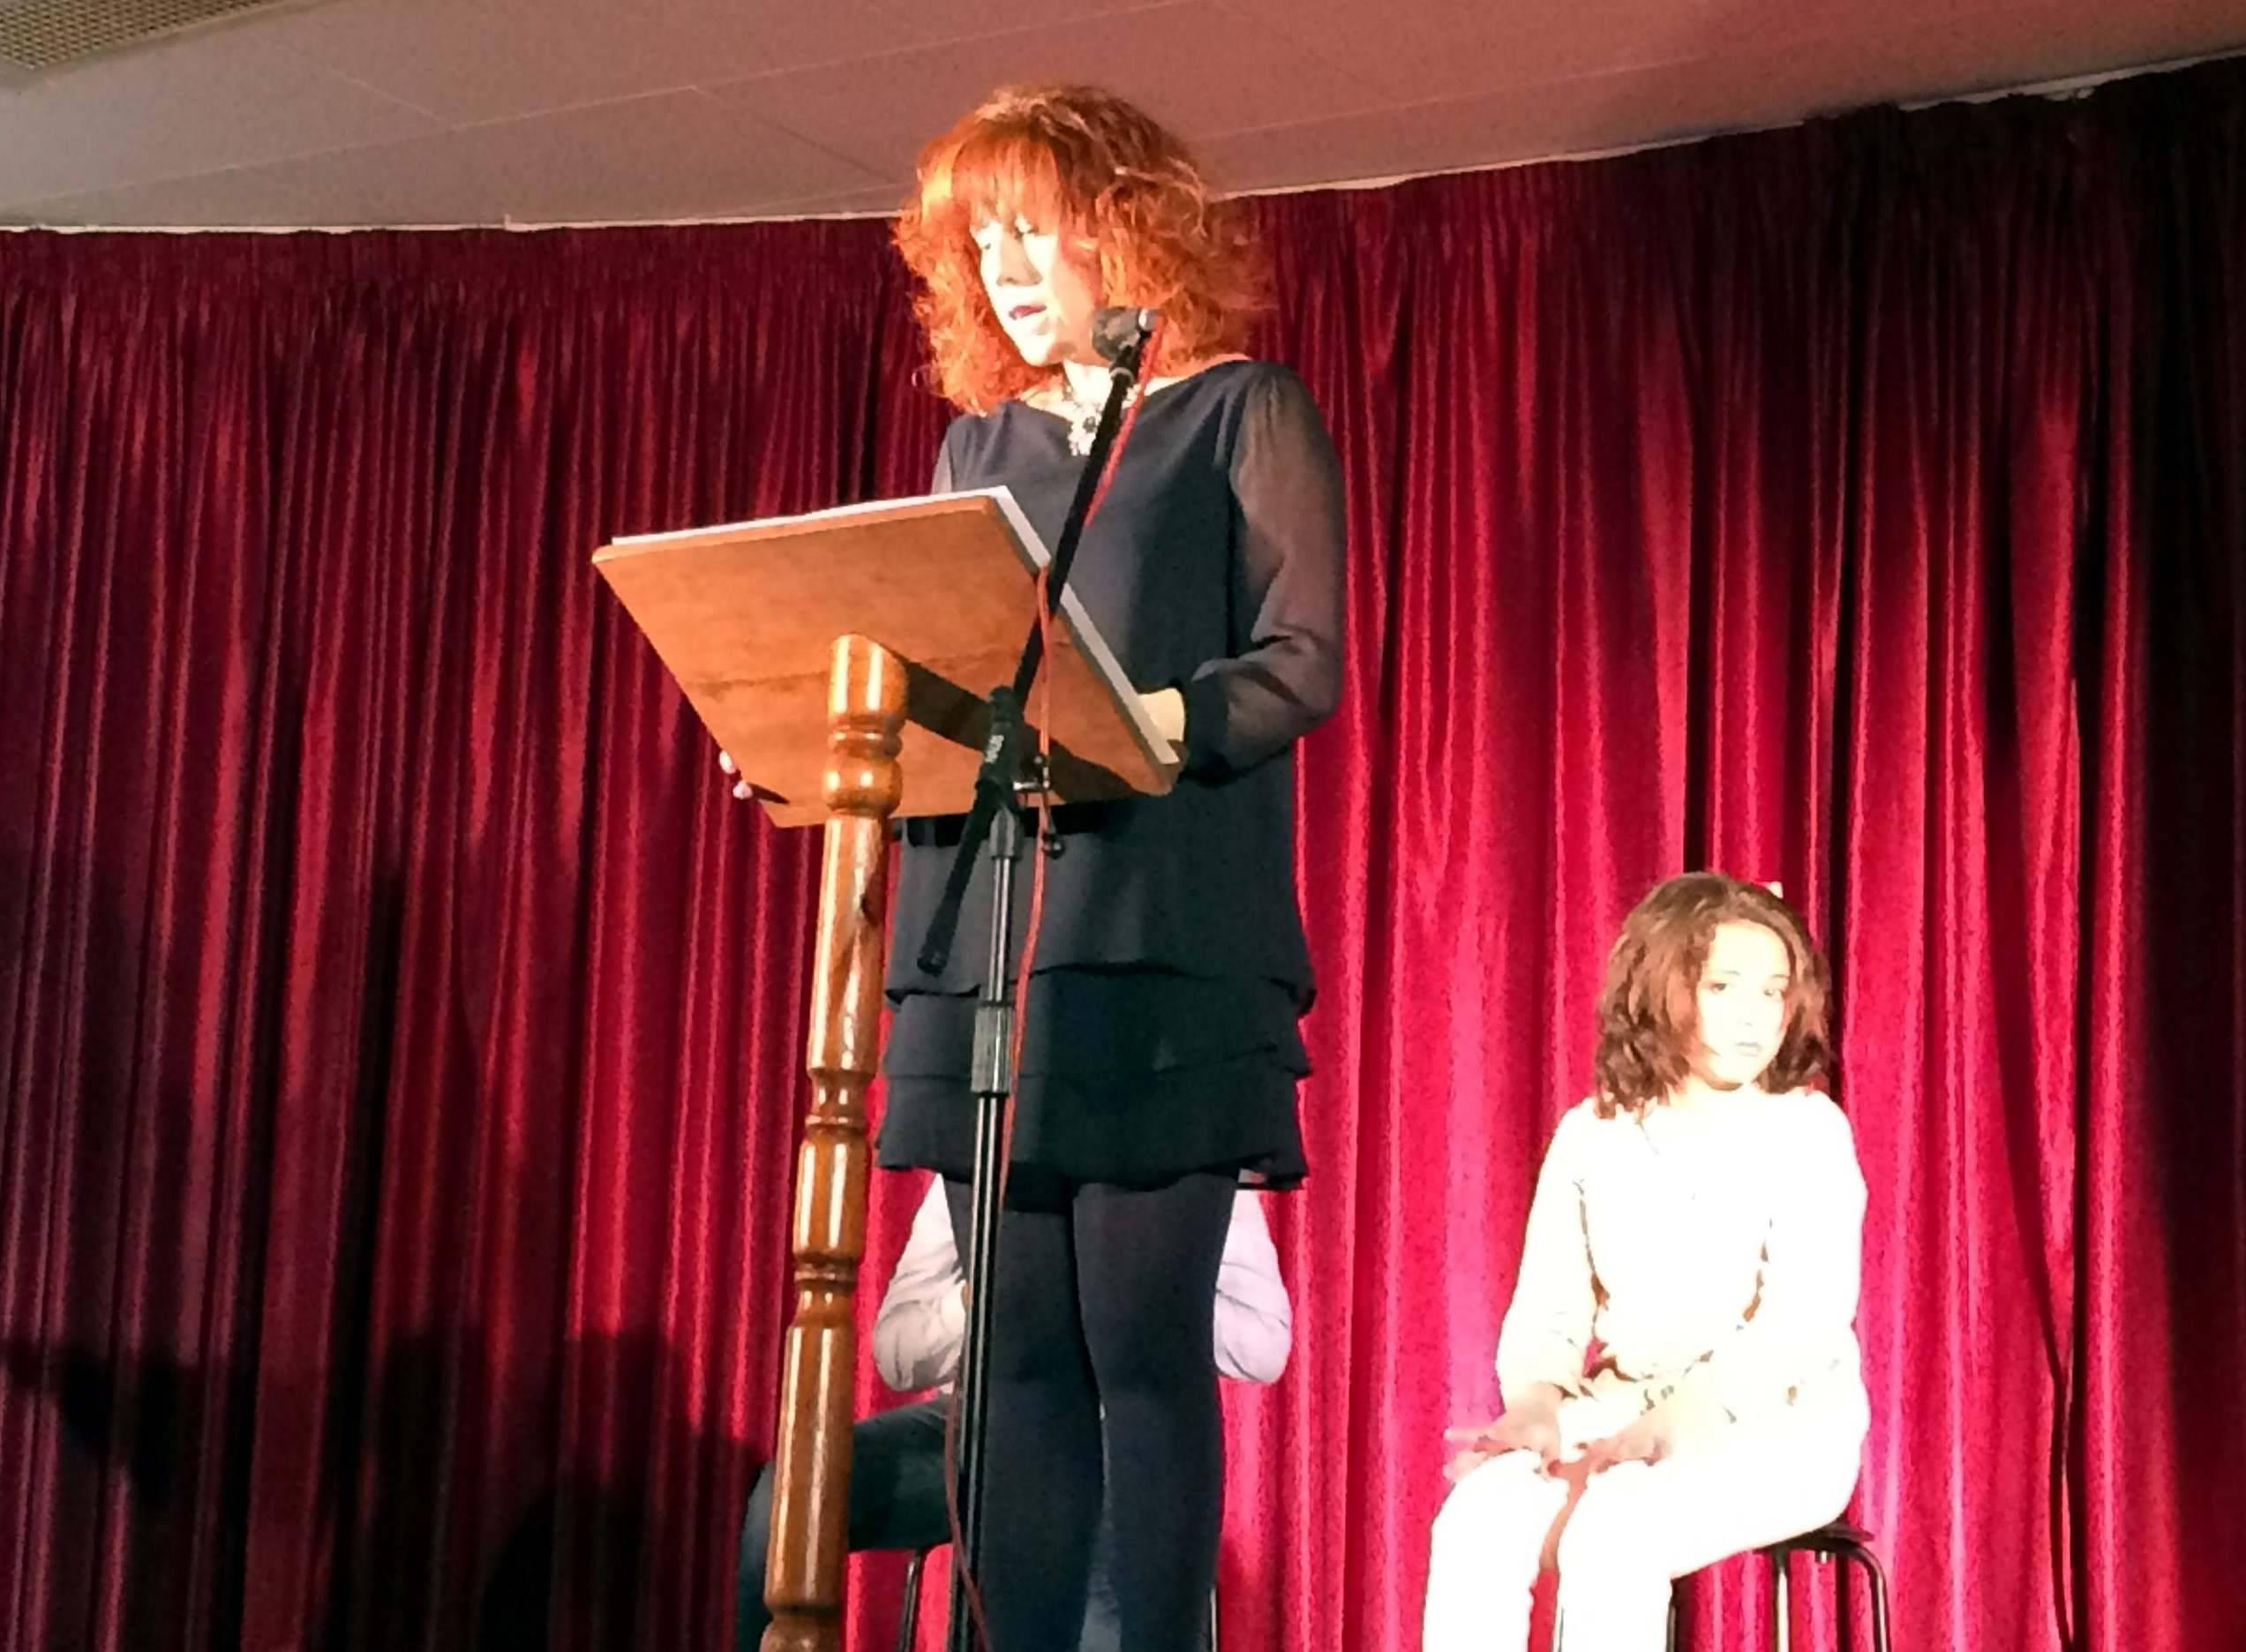 herencia dia mujer lectura manifiesto por concejala - Herencia celebró el Día Internacional de la Mujer